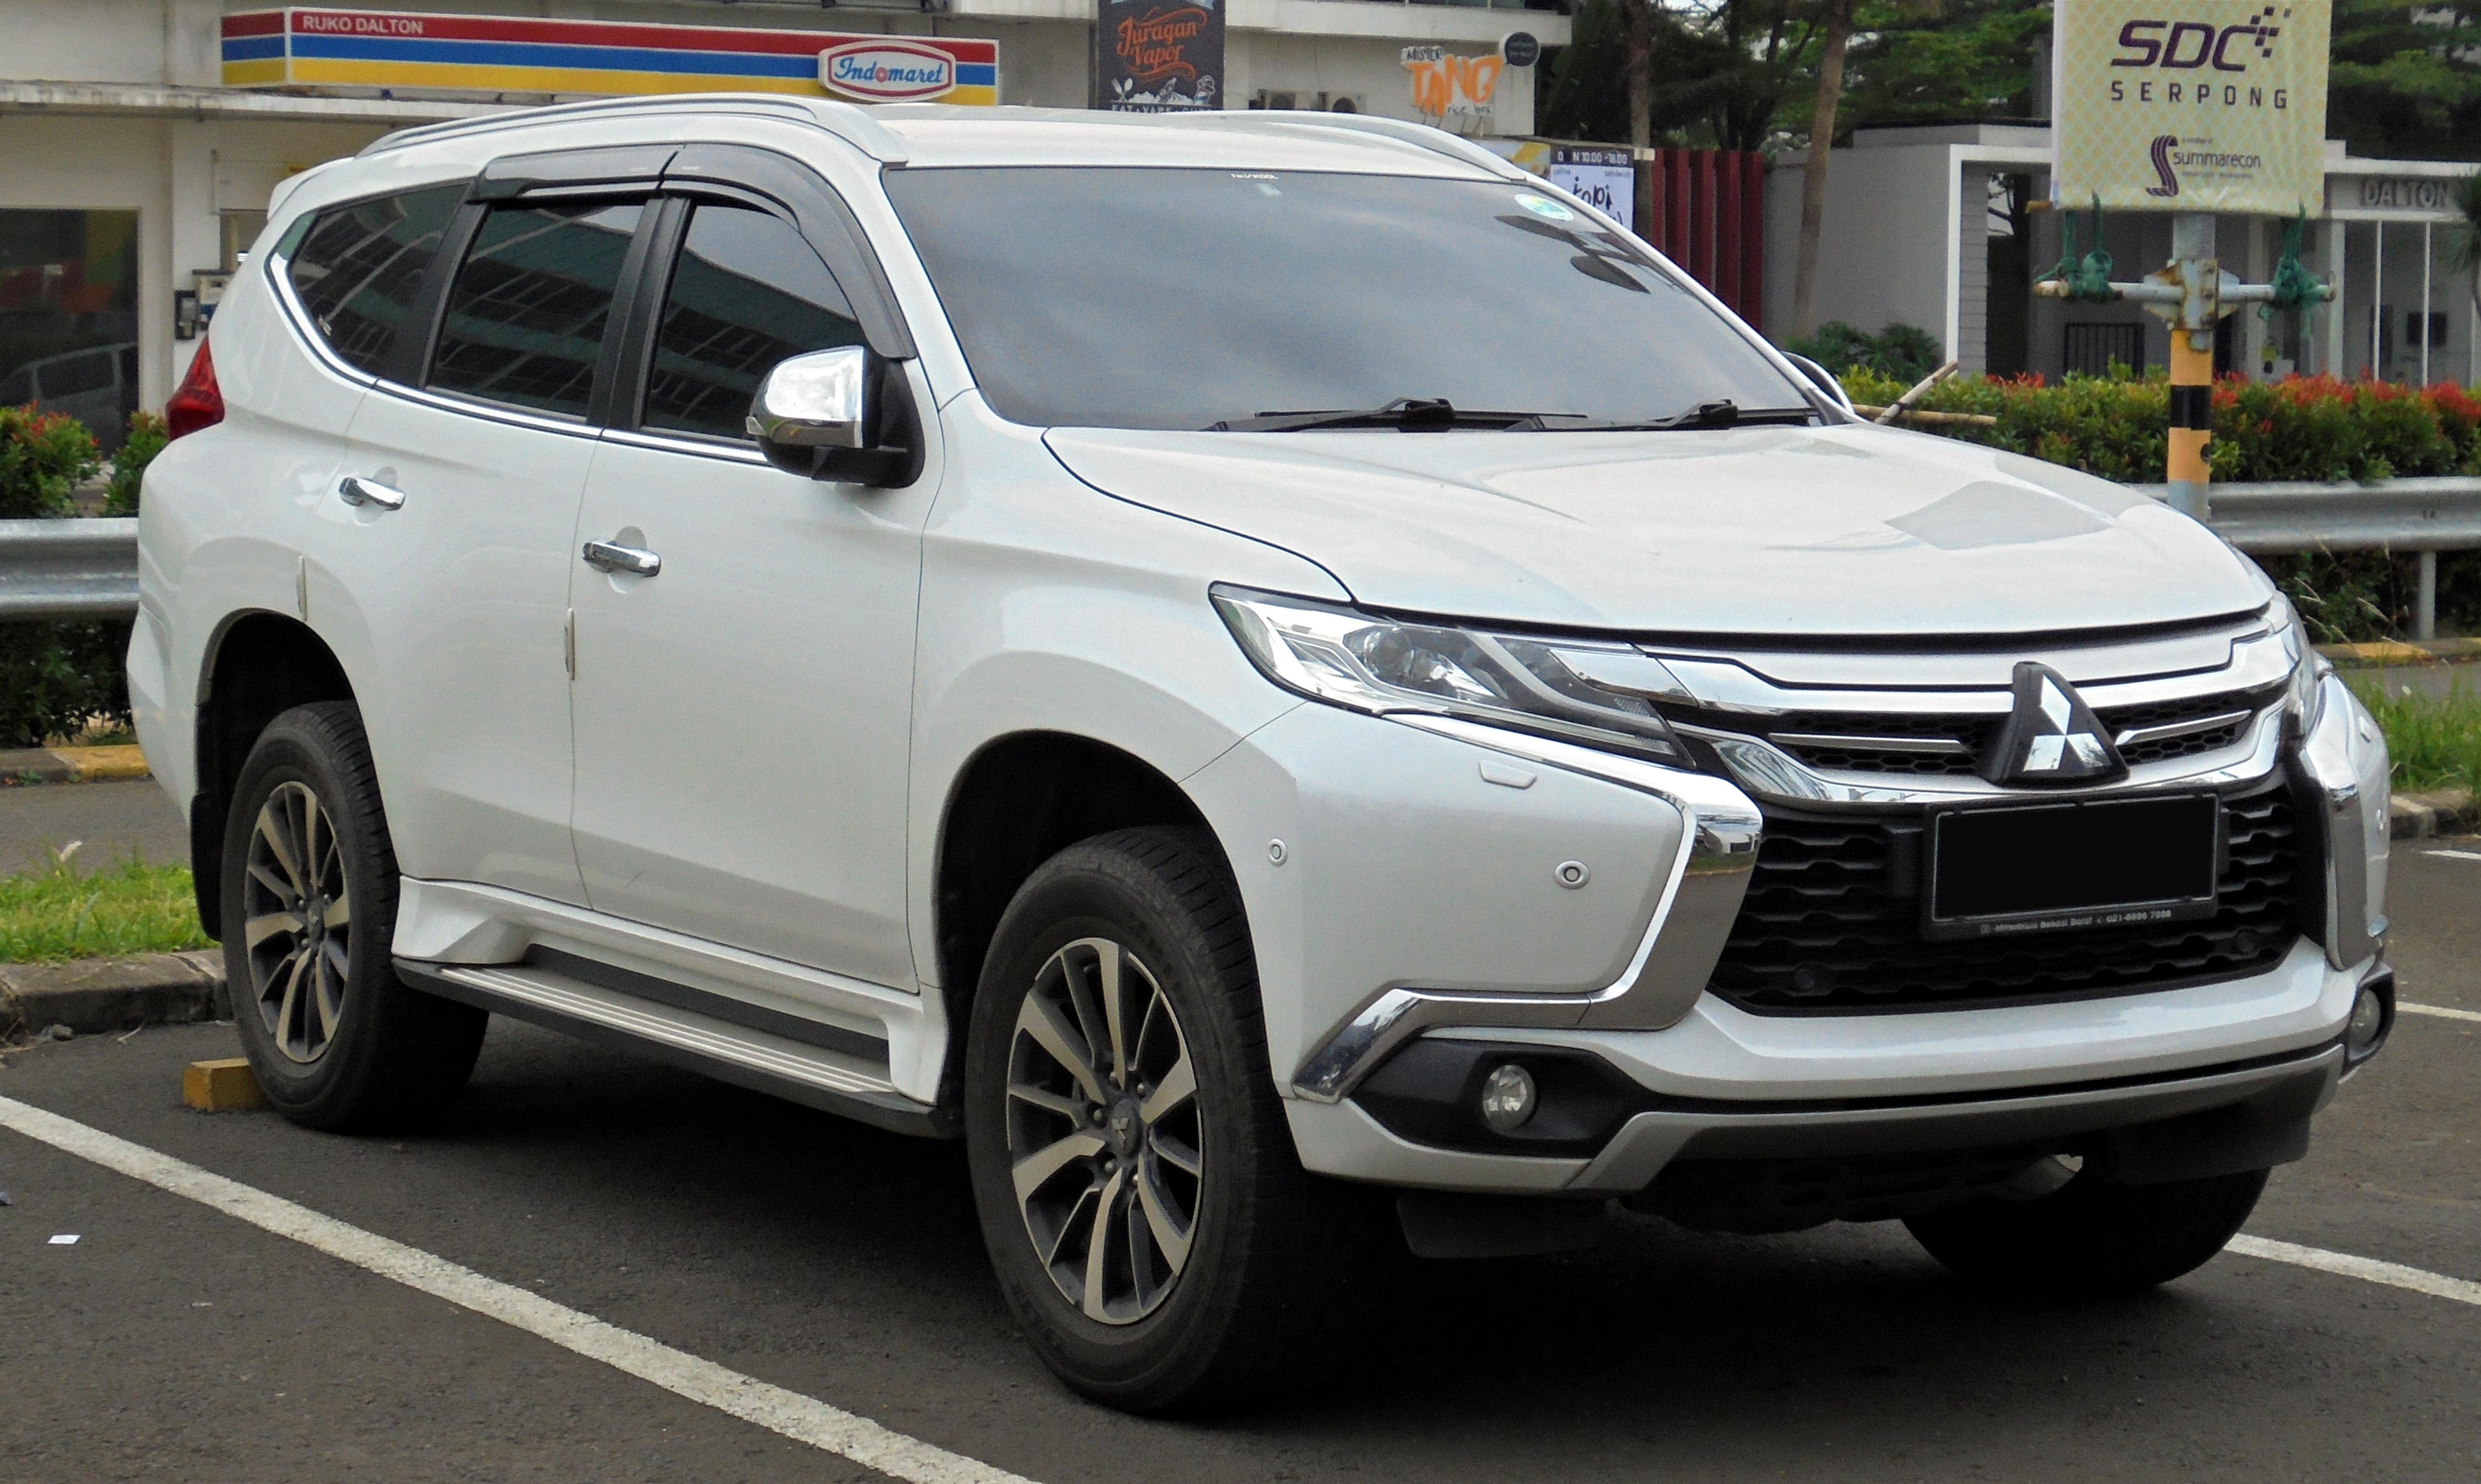 1070+ Gambar Mobil Pajero Sport 2019 HD Terbaru